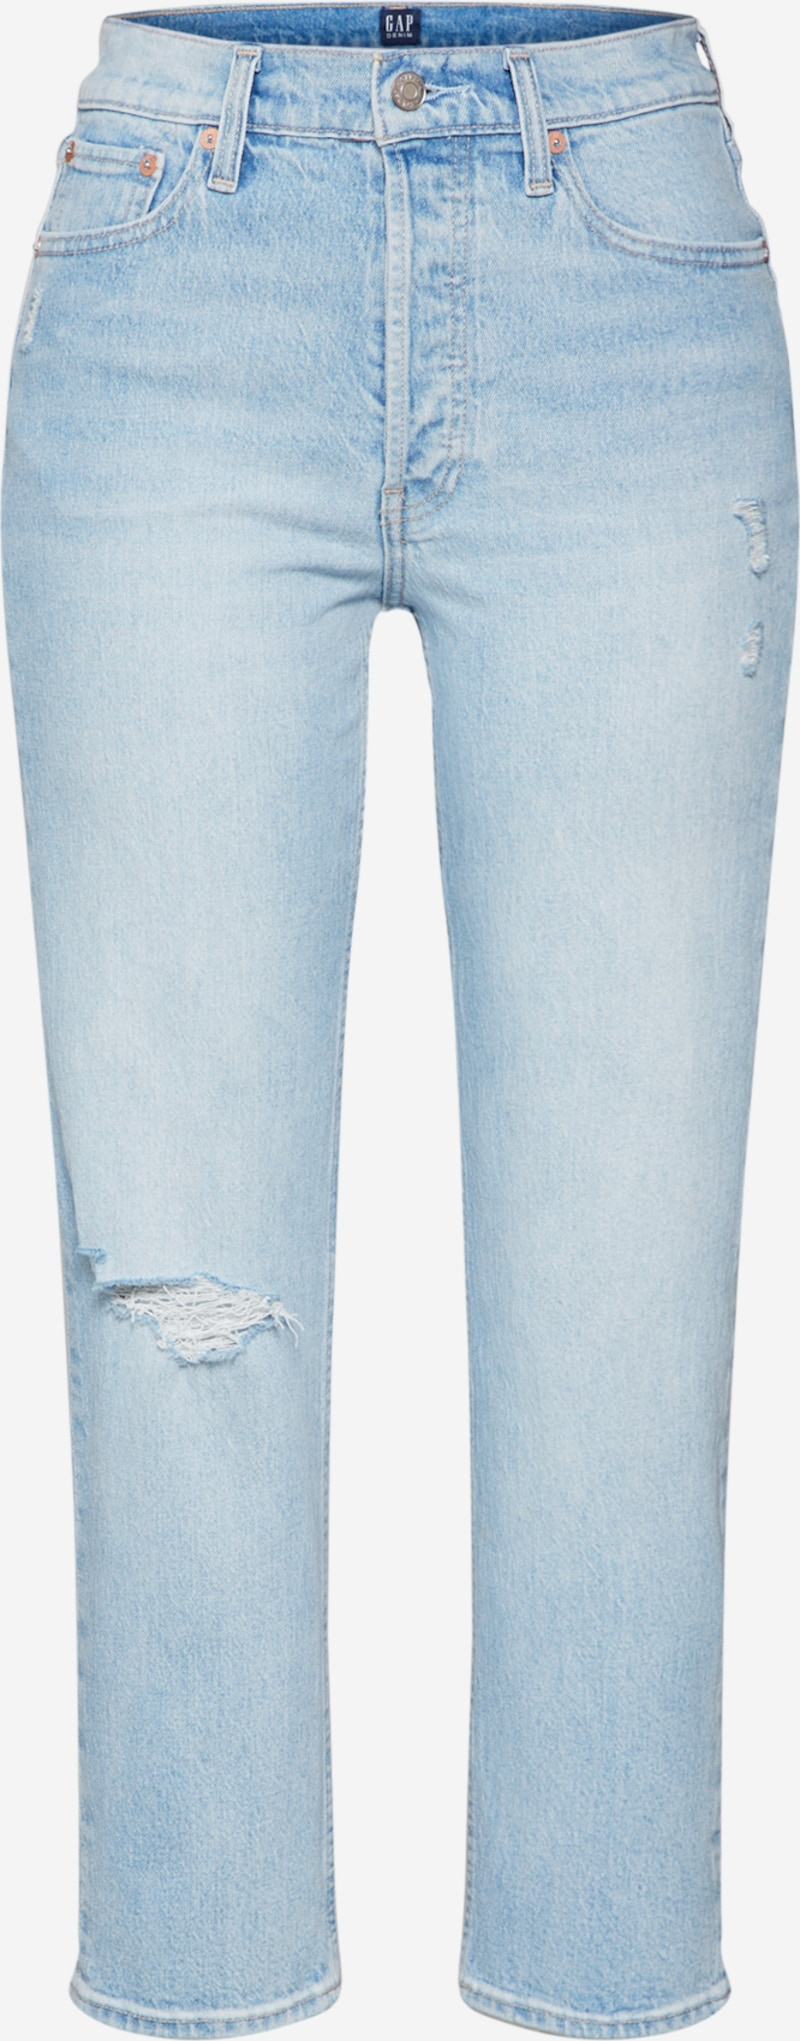 GAP Straight leg jeans voor dames online shoppen | ABOUT YOU